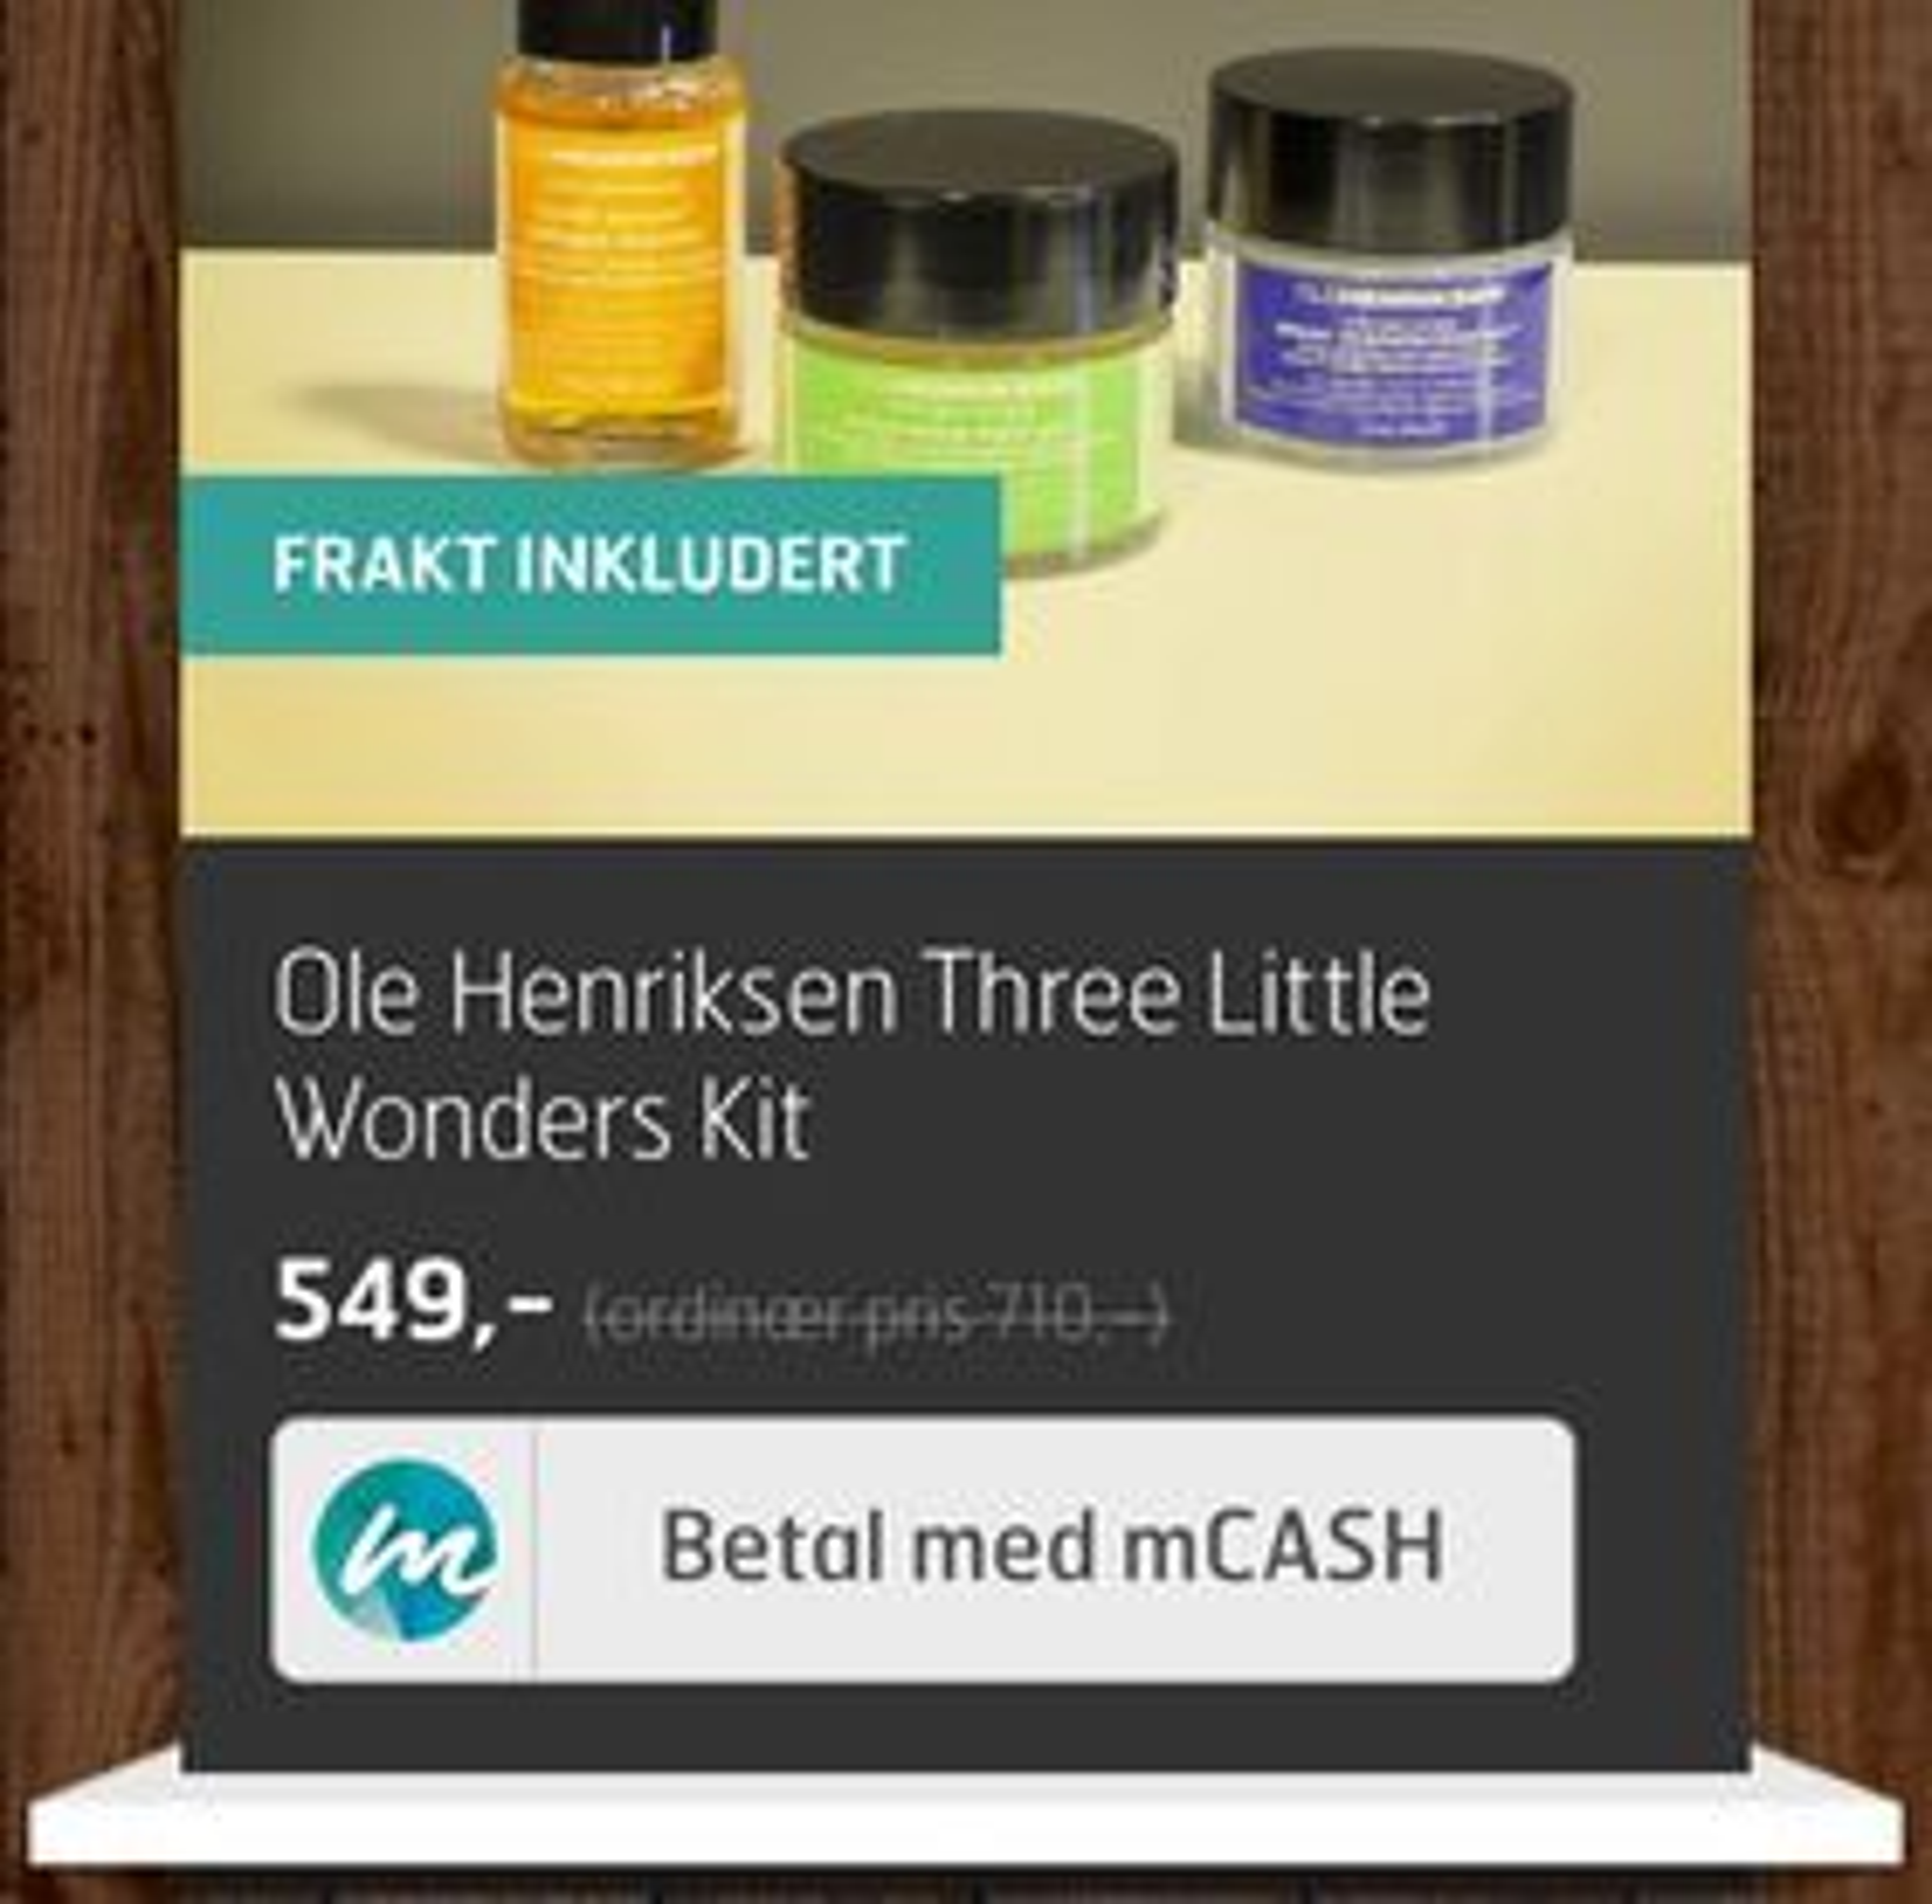 Knappen som gjør det mulig å bruke mCash også til netthandel med mobilen.